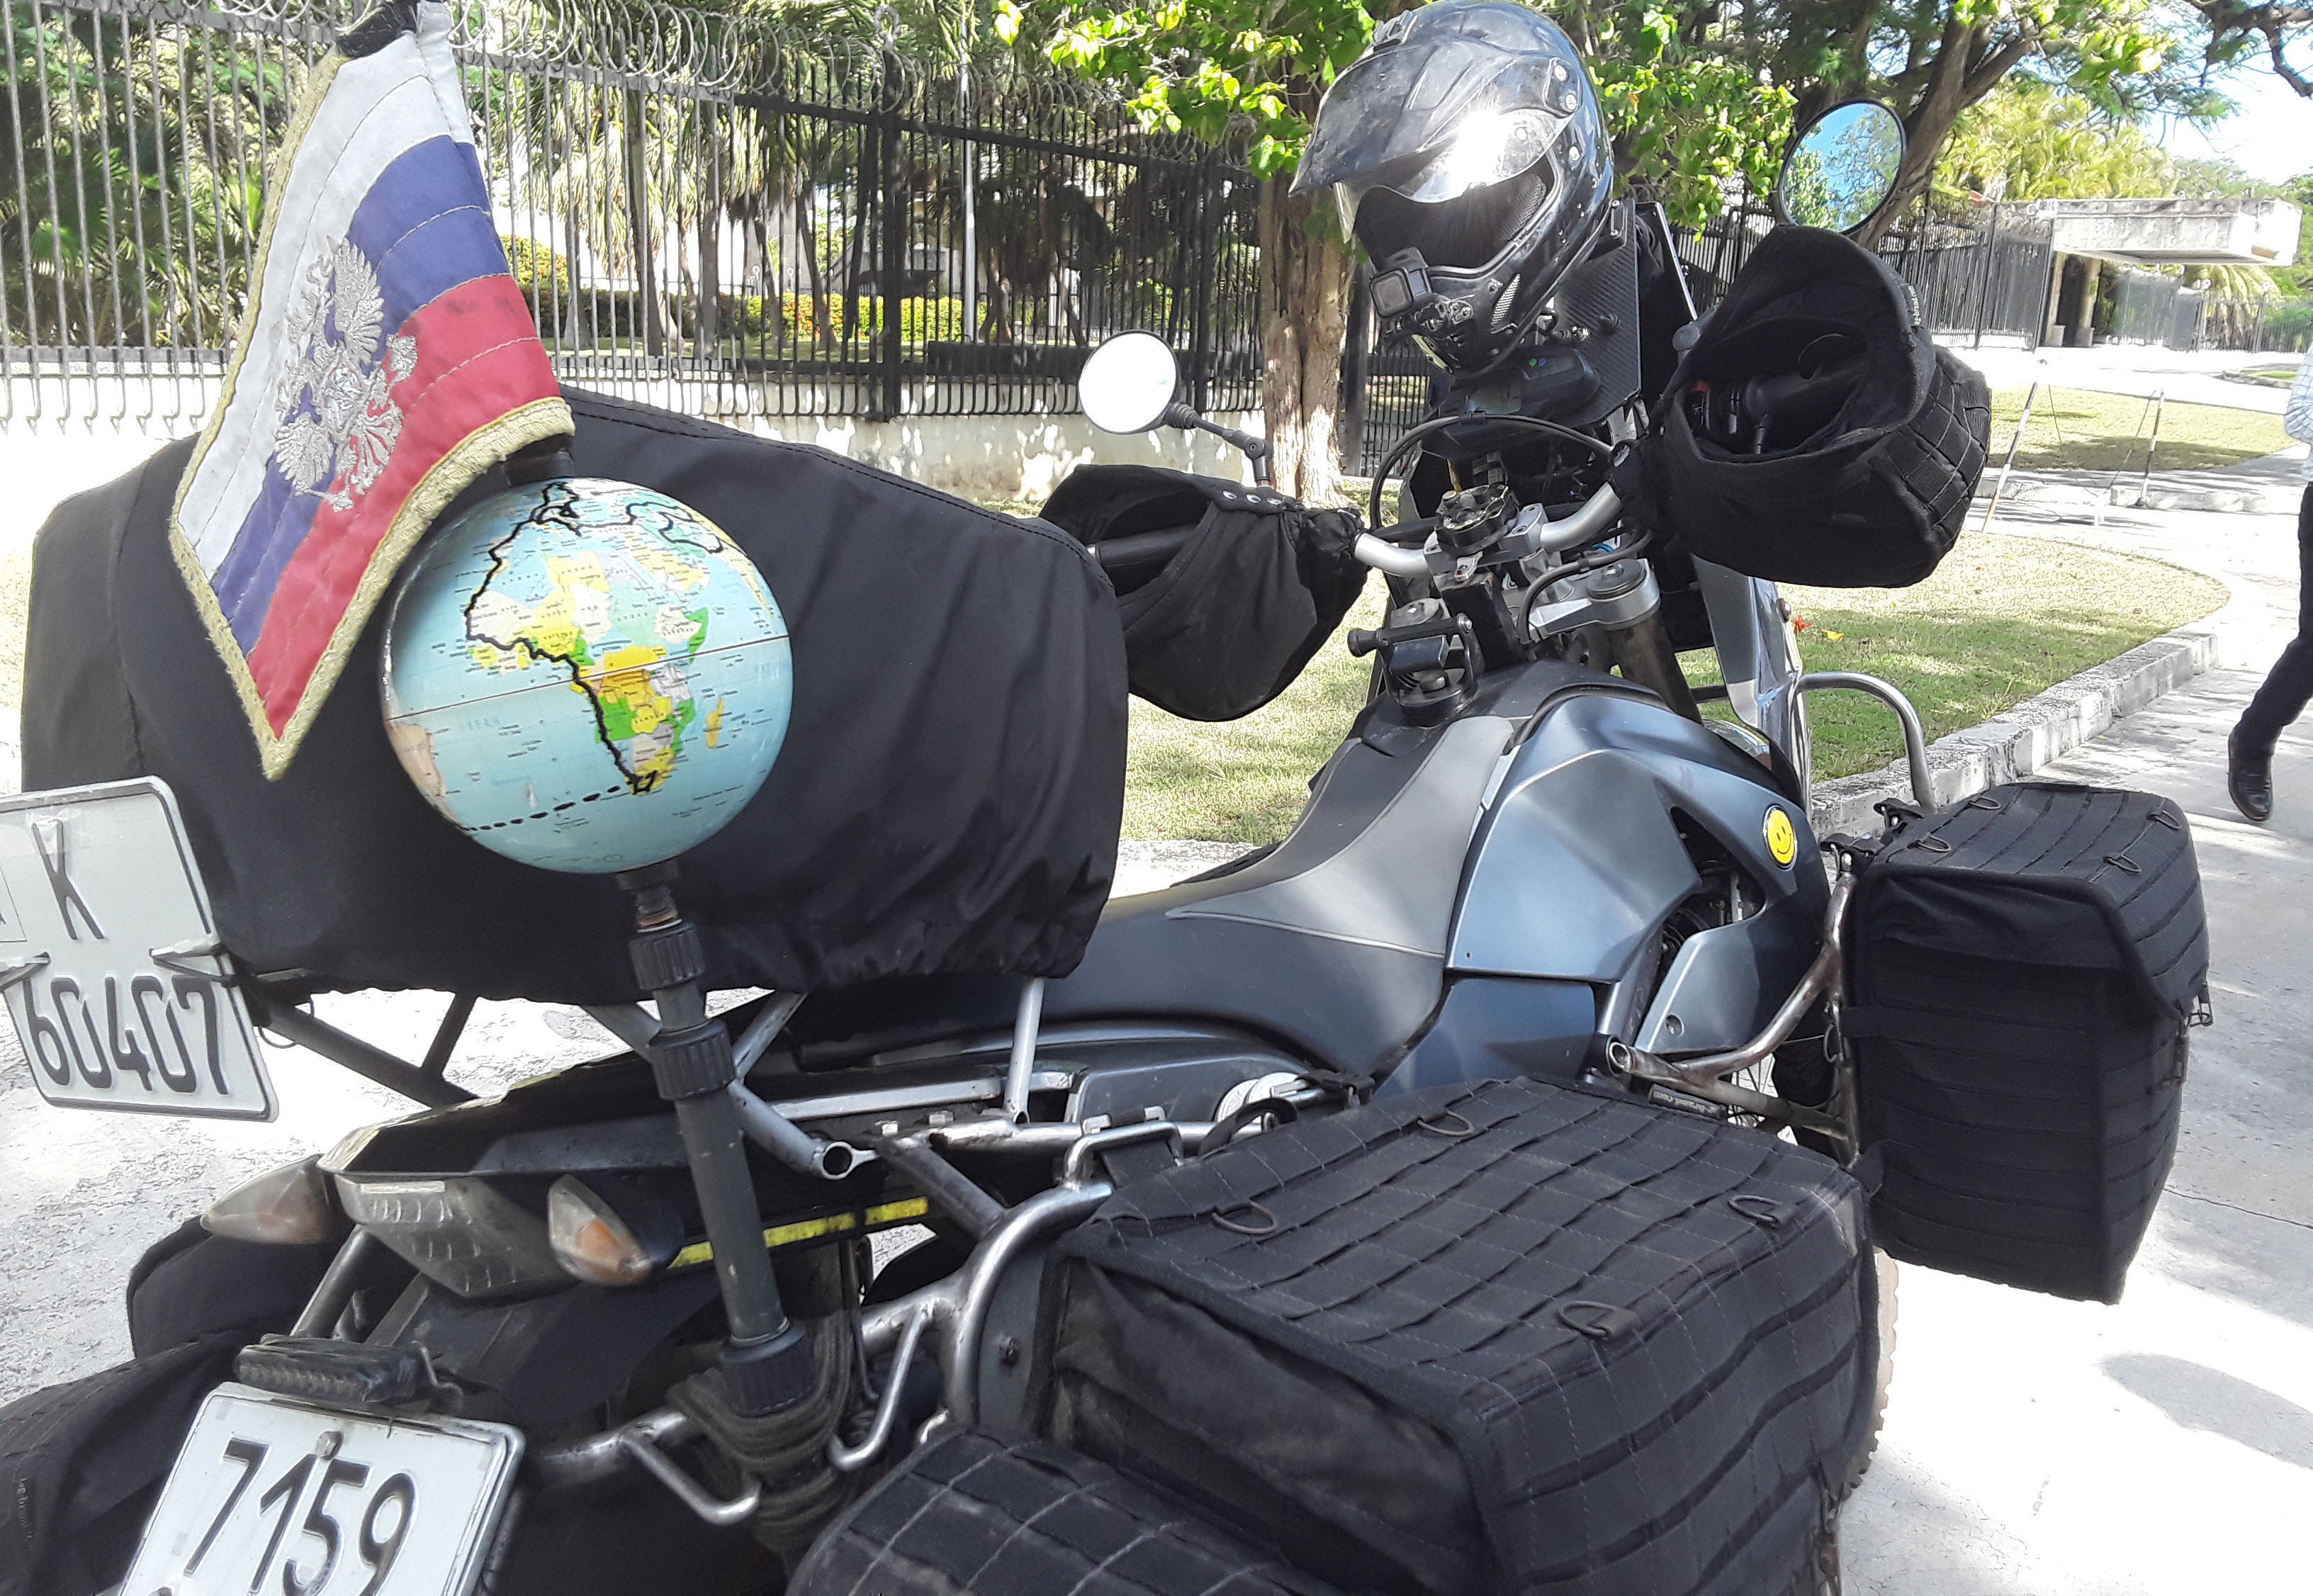 En una bola del mundo Jaritónov marca las rutas visitadas. Foto: Beatriz Albert/ Cubadebate